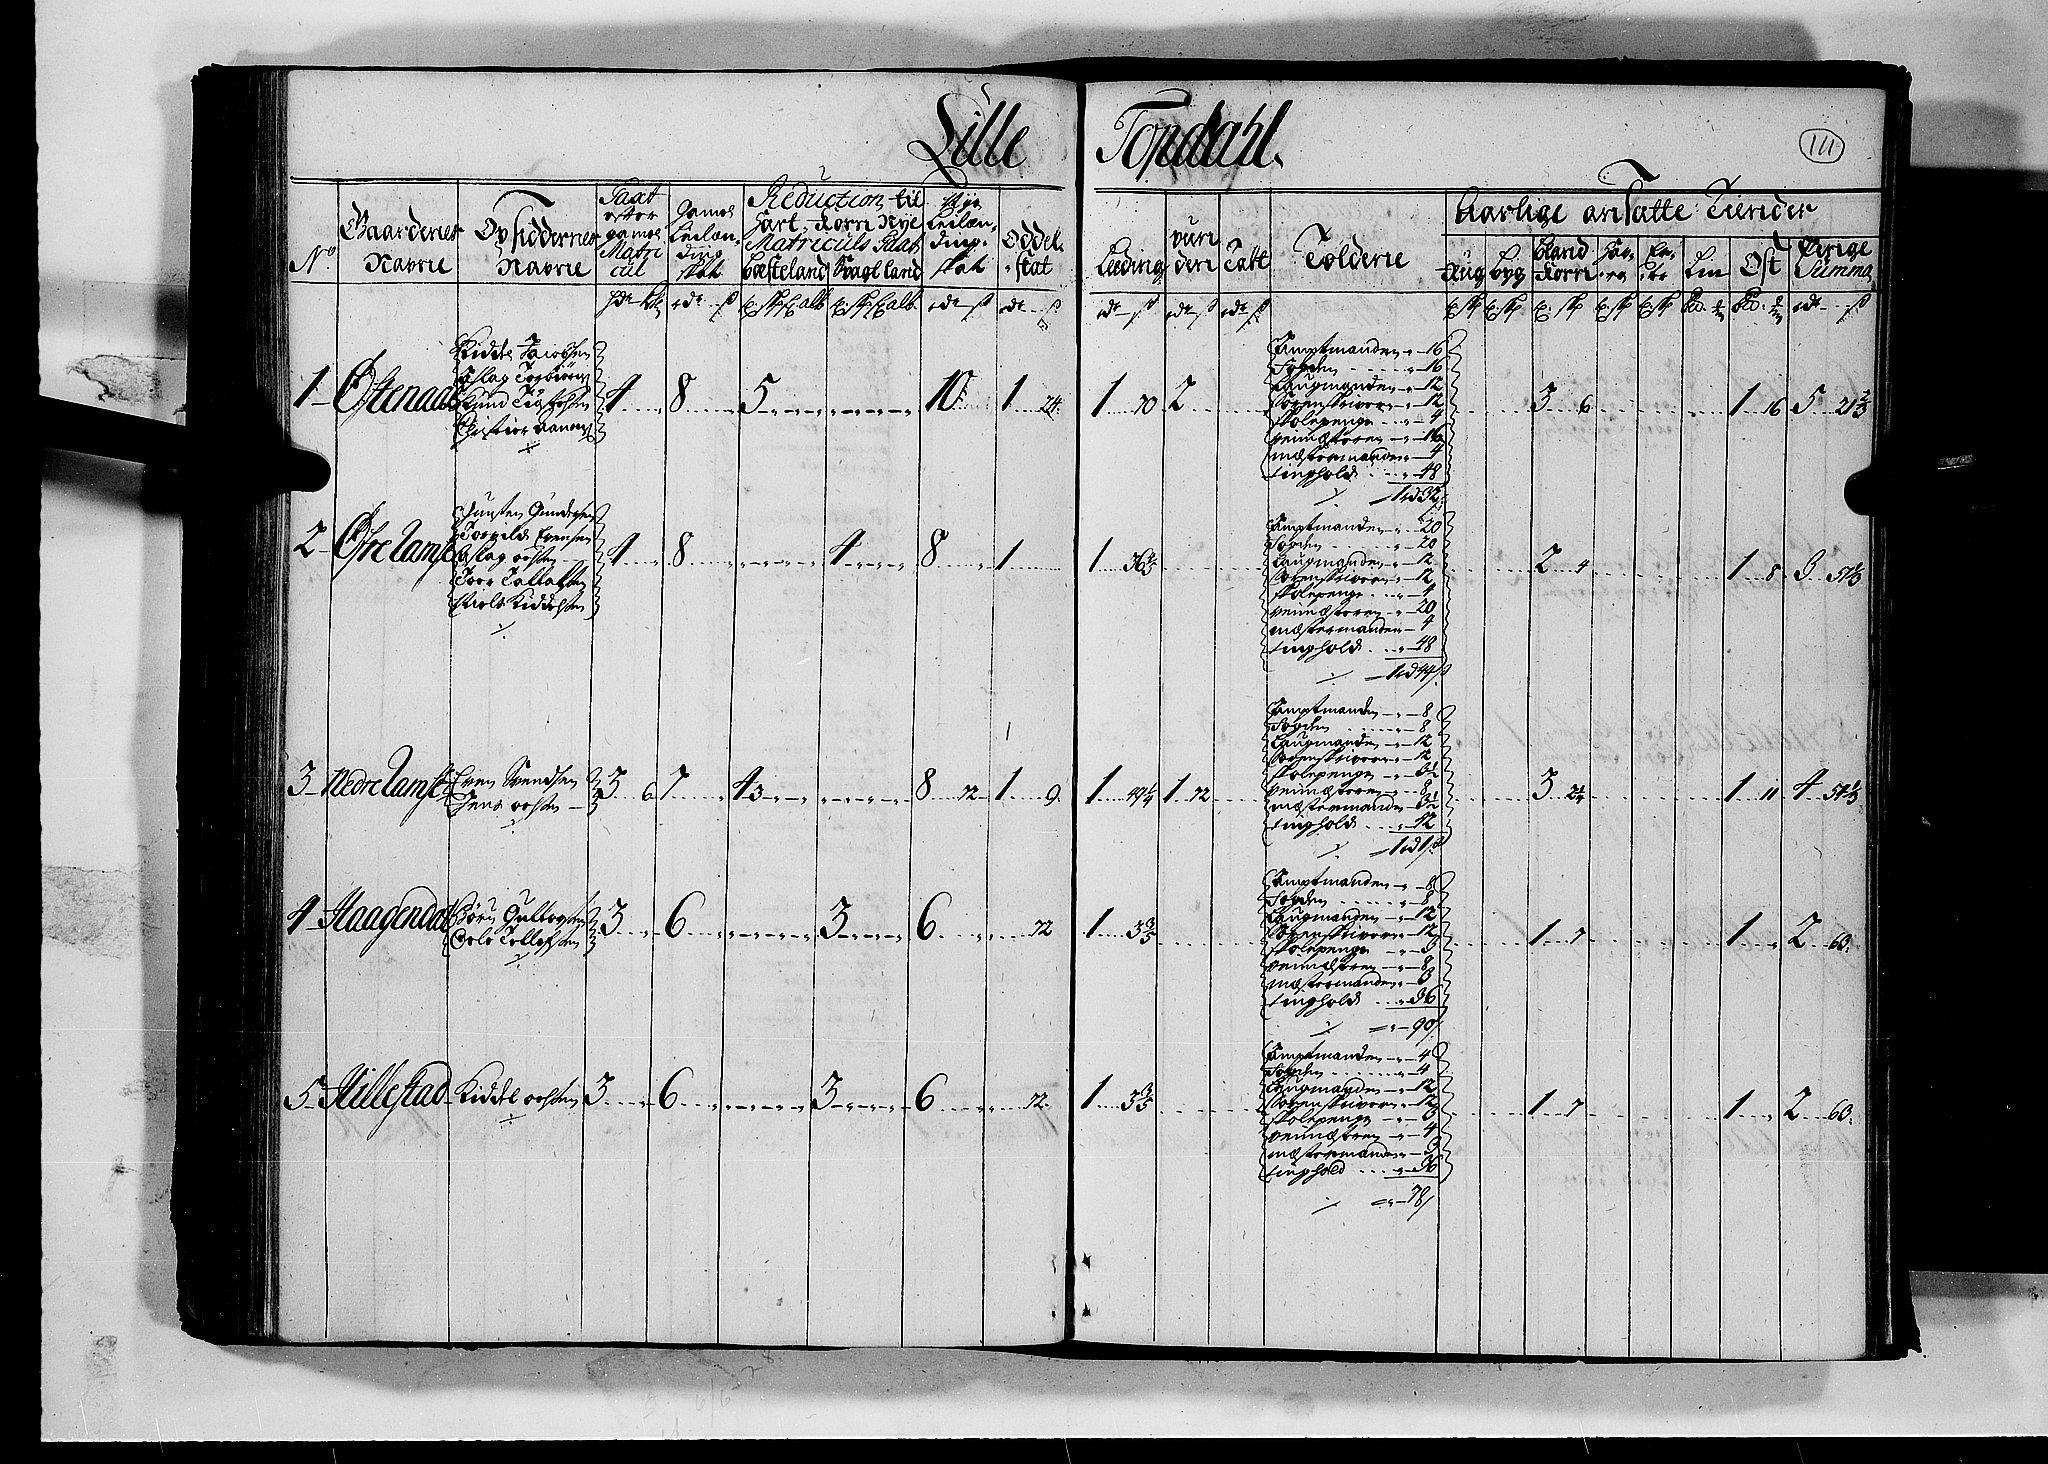 RA, Rentekammeret inntil 1814, Realistisk ordnet avdeling, N/Nb/Nbf/L0126: Råbyggelag matrikkelprotokoll, 1723, s. 110b-111a